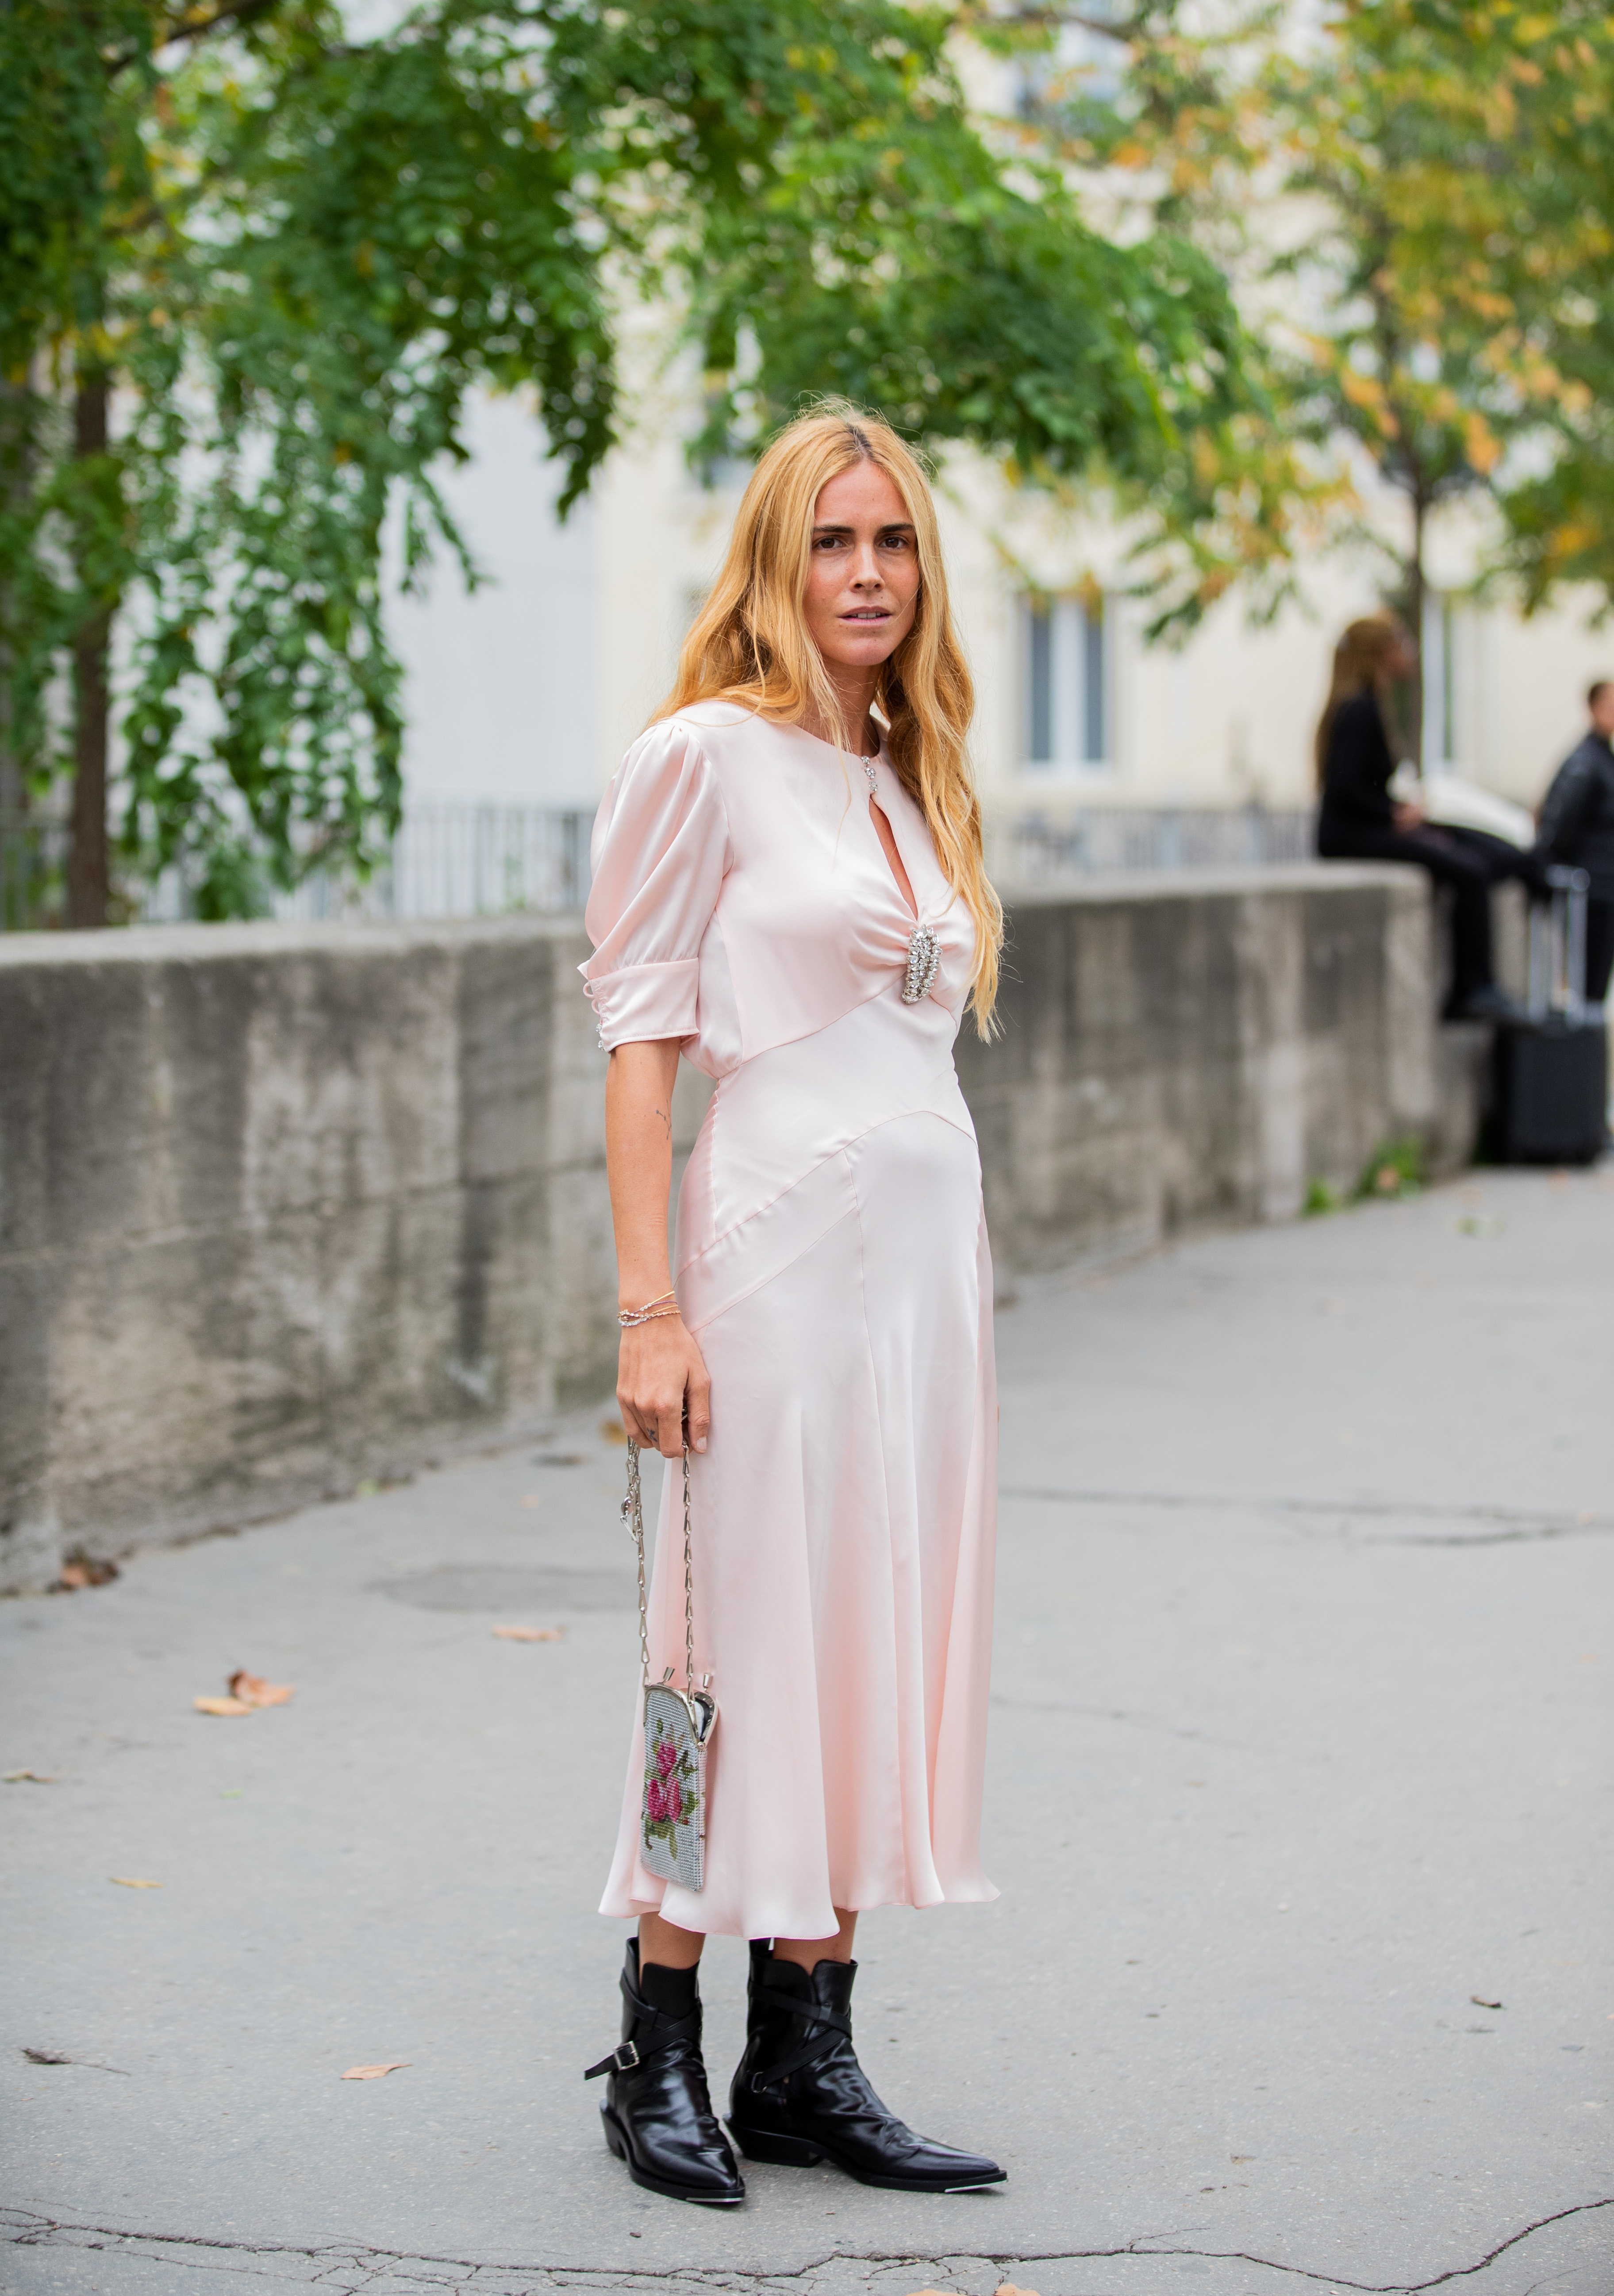 レディライクな雰囲気のサテンドレスは合わせるシューズ次第でいろんなスタイルが楽しめる。フラットブーツならデイリーな着こなしになるし、華奢なヒールならパーティーシーンで活躍しそう。